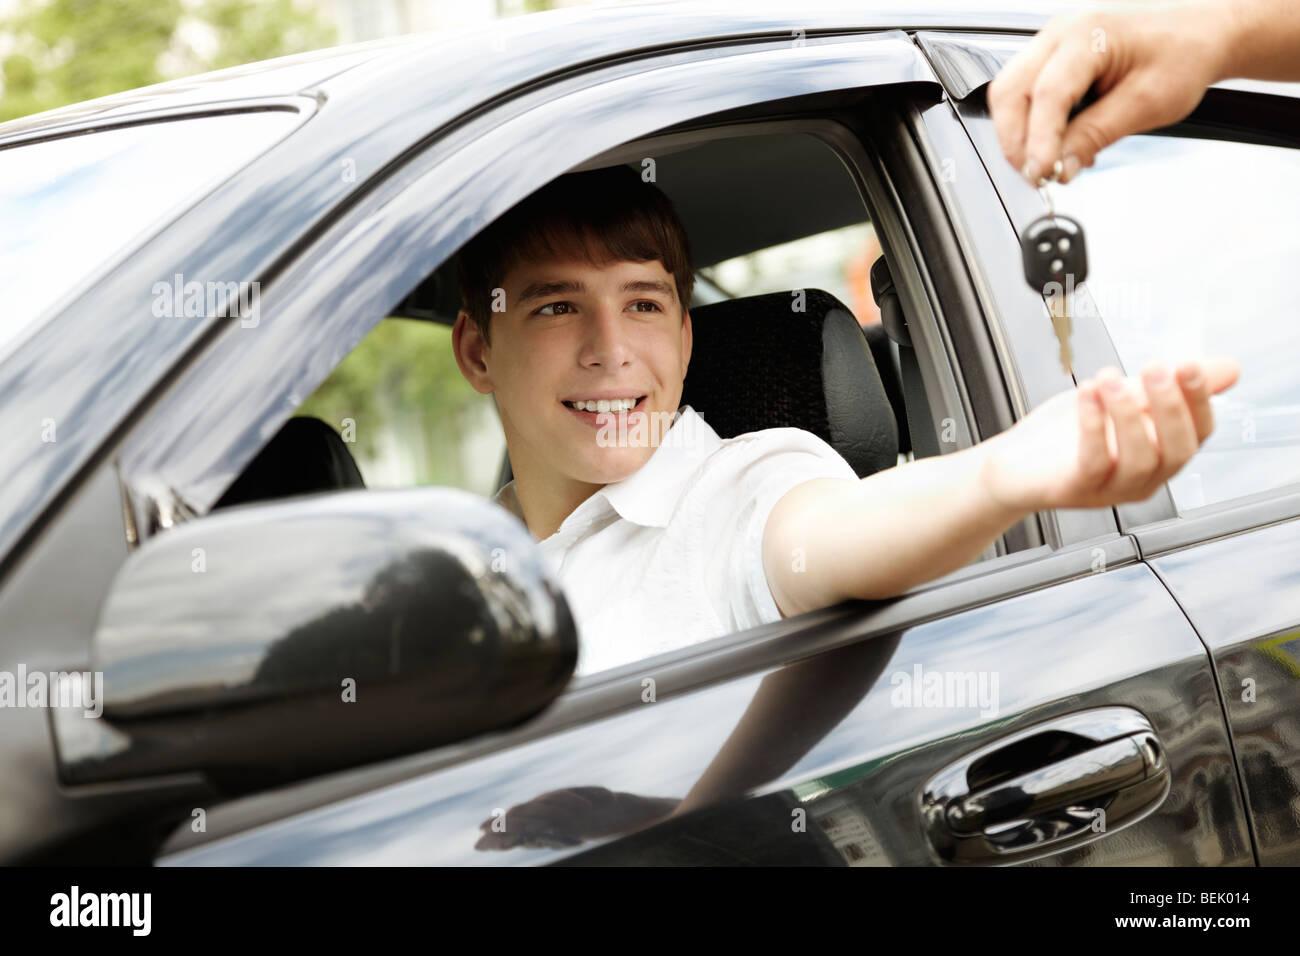 Auto a noleggio o in leasing concetto, messa a fuoco selettiva sugli occhi, tonico speciale foto f/x Immagini Stock